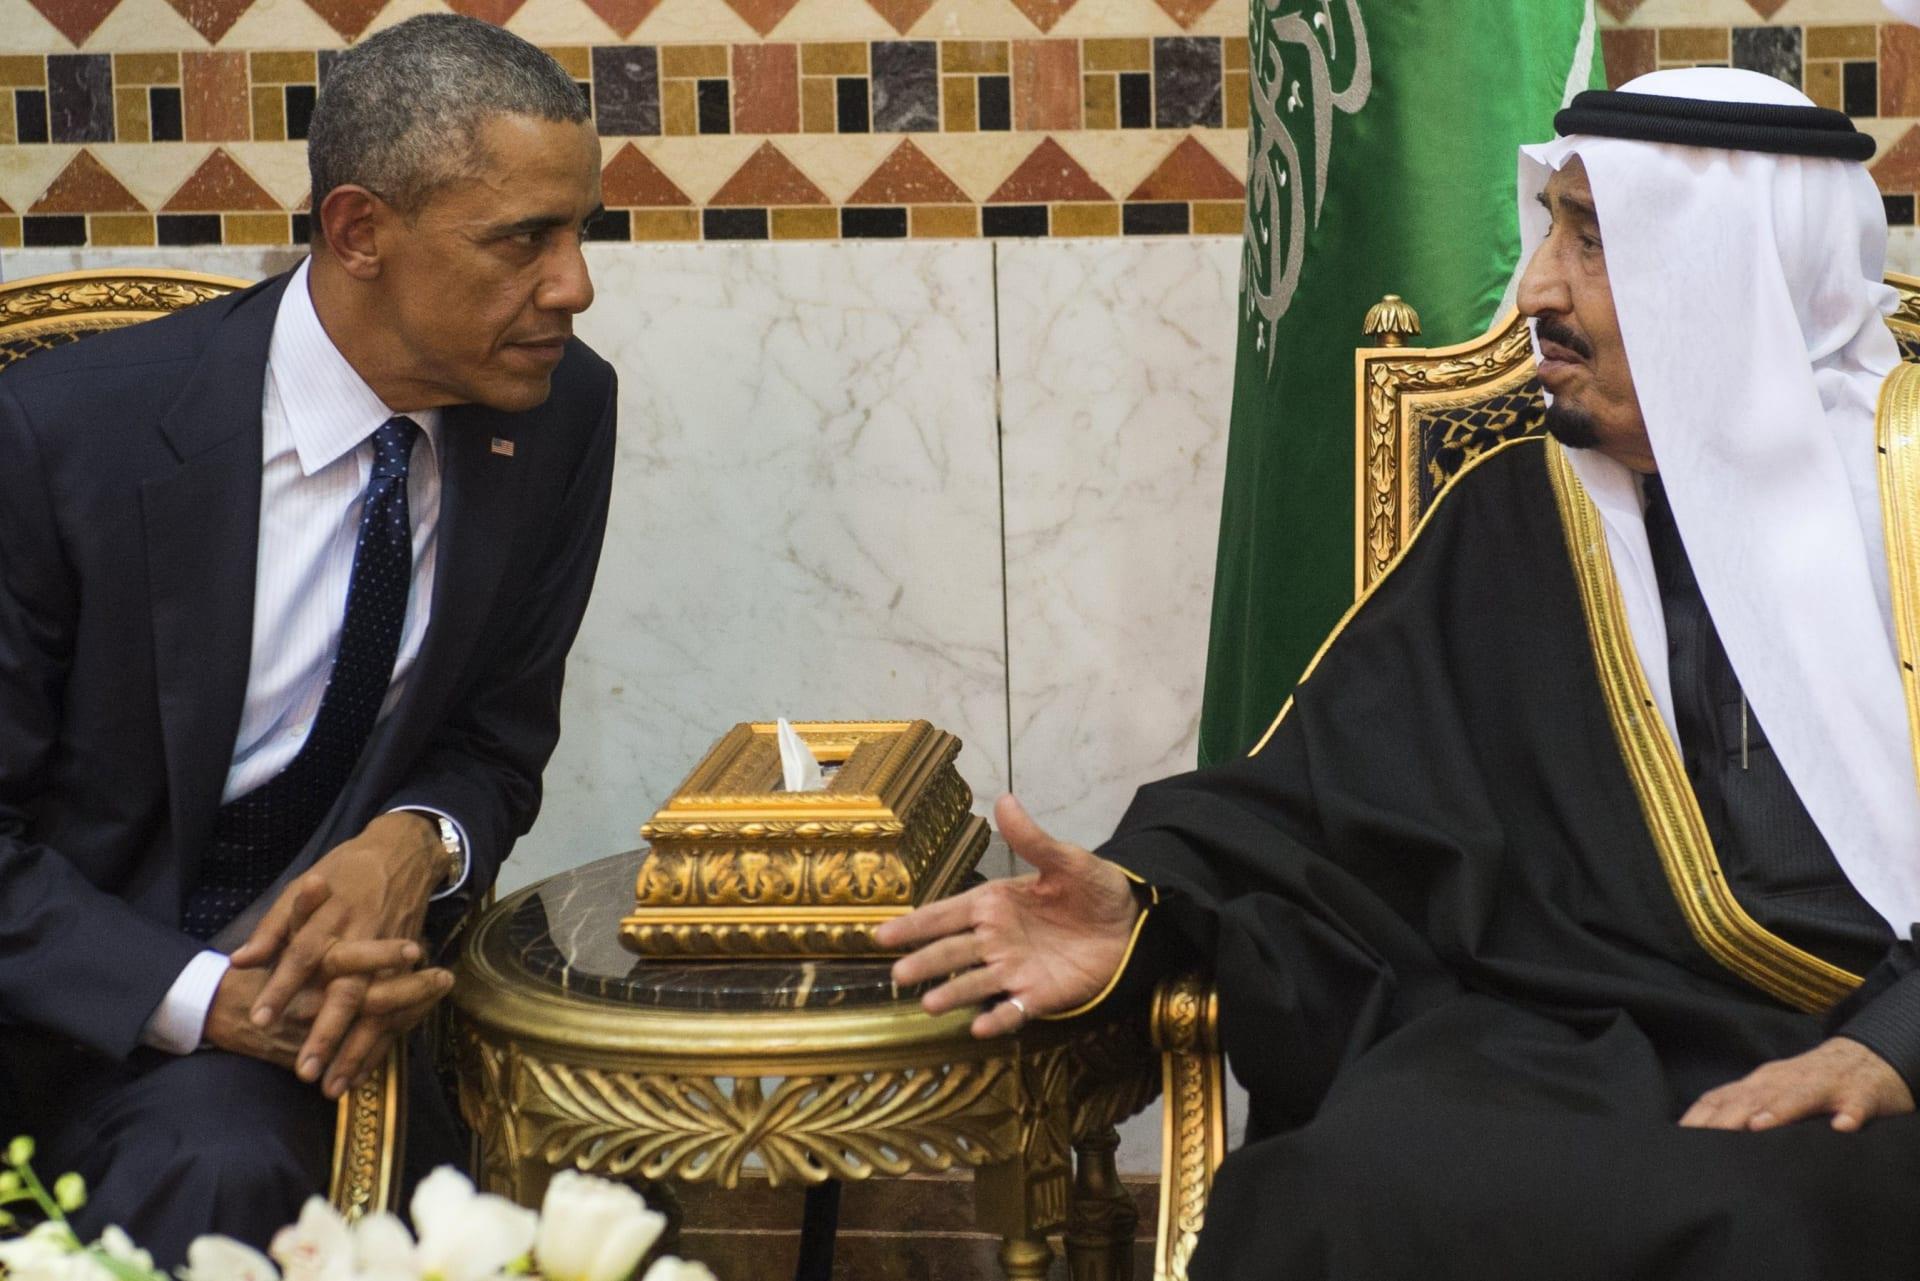 """محللون قبل قانون """"جاستا"""": لن تصل علاقة السعودية وأمريكا إلى الطلاق.. هل يتغير ذلك؟"""